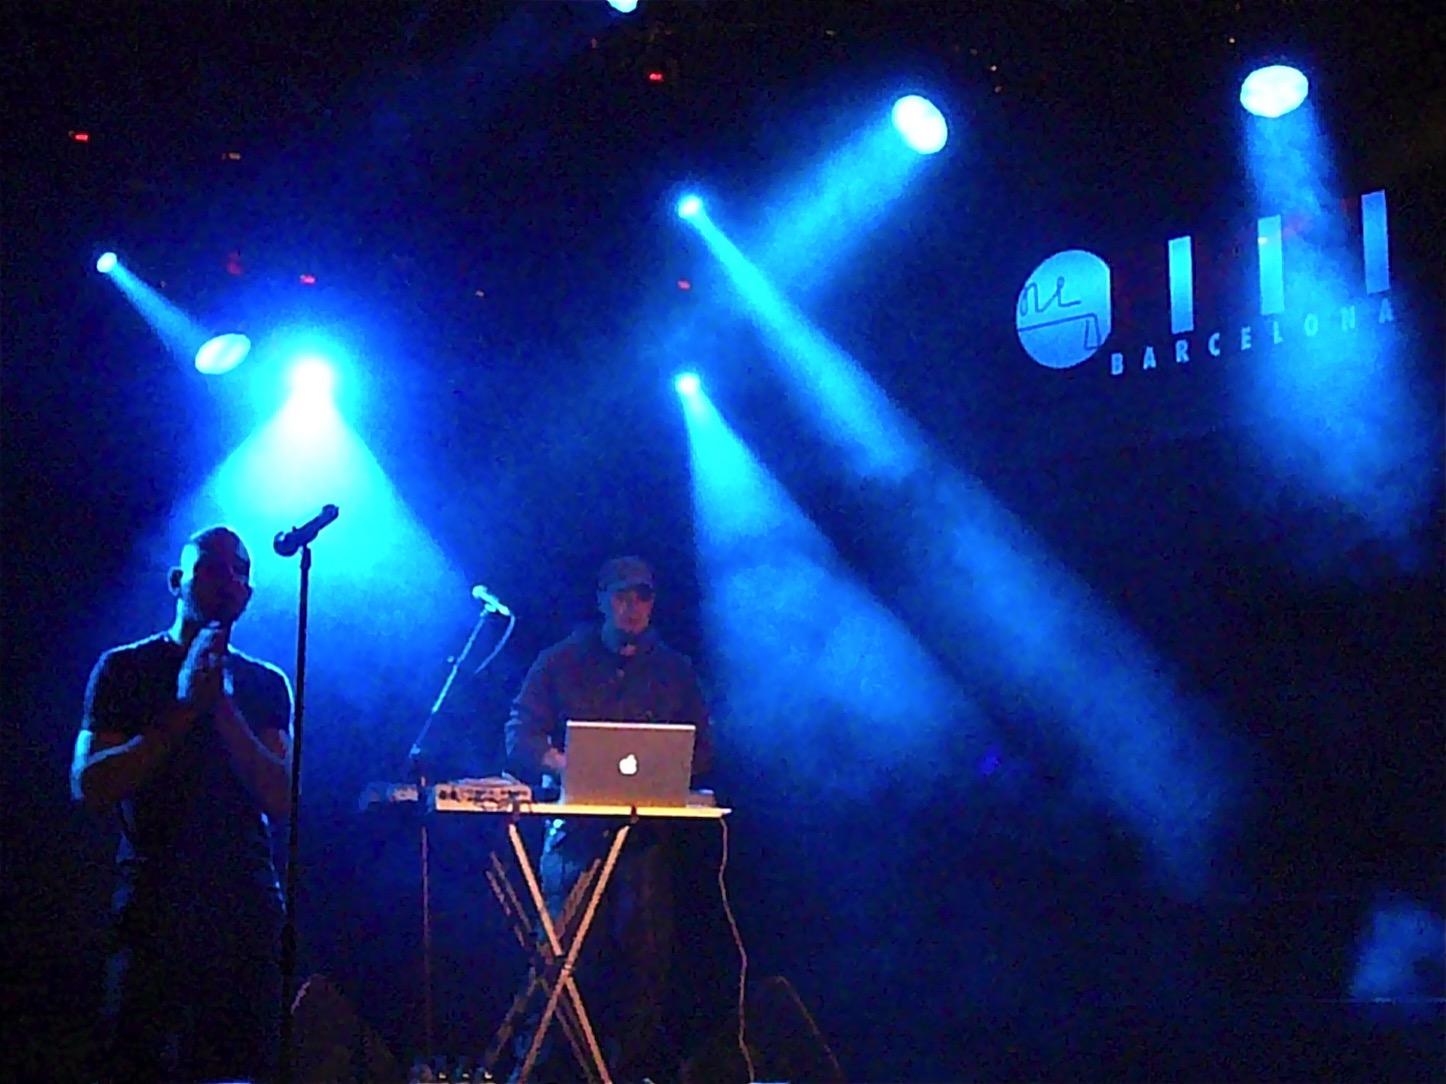 Music and mac